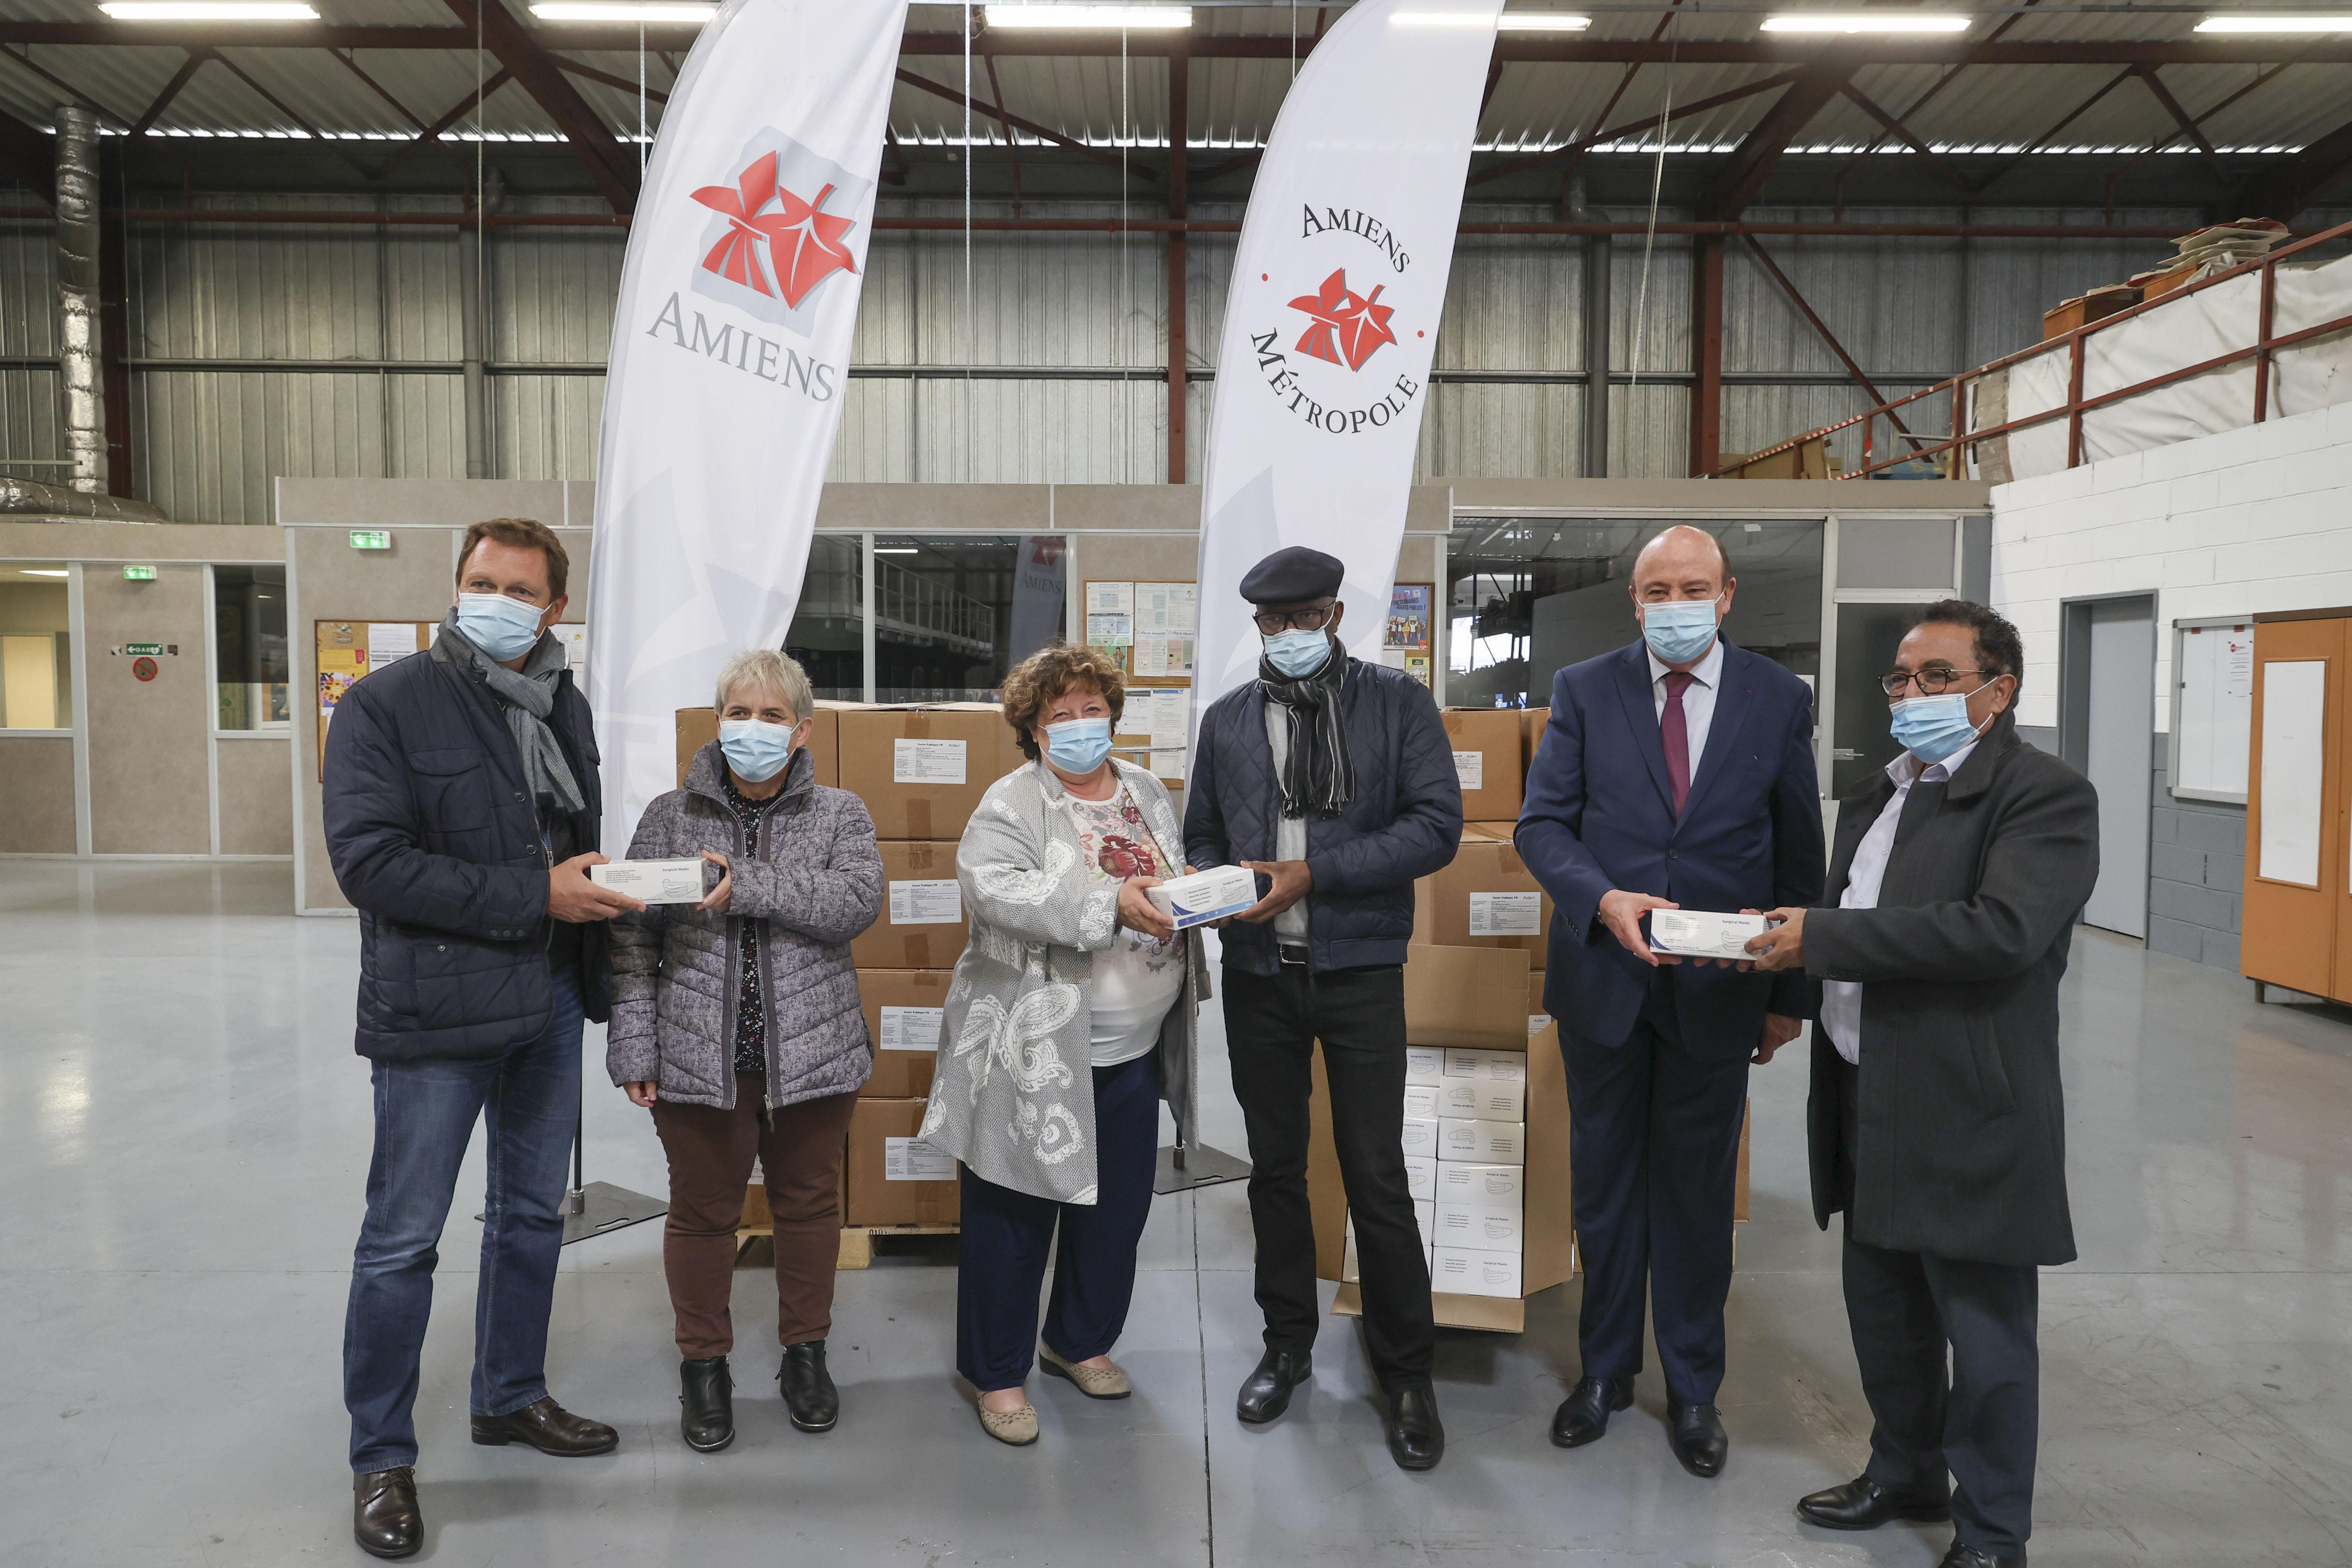 72 000 masques donnés au Maroc, au Cap-Vert et à la Tunisie